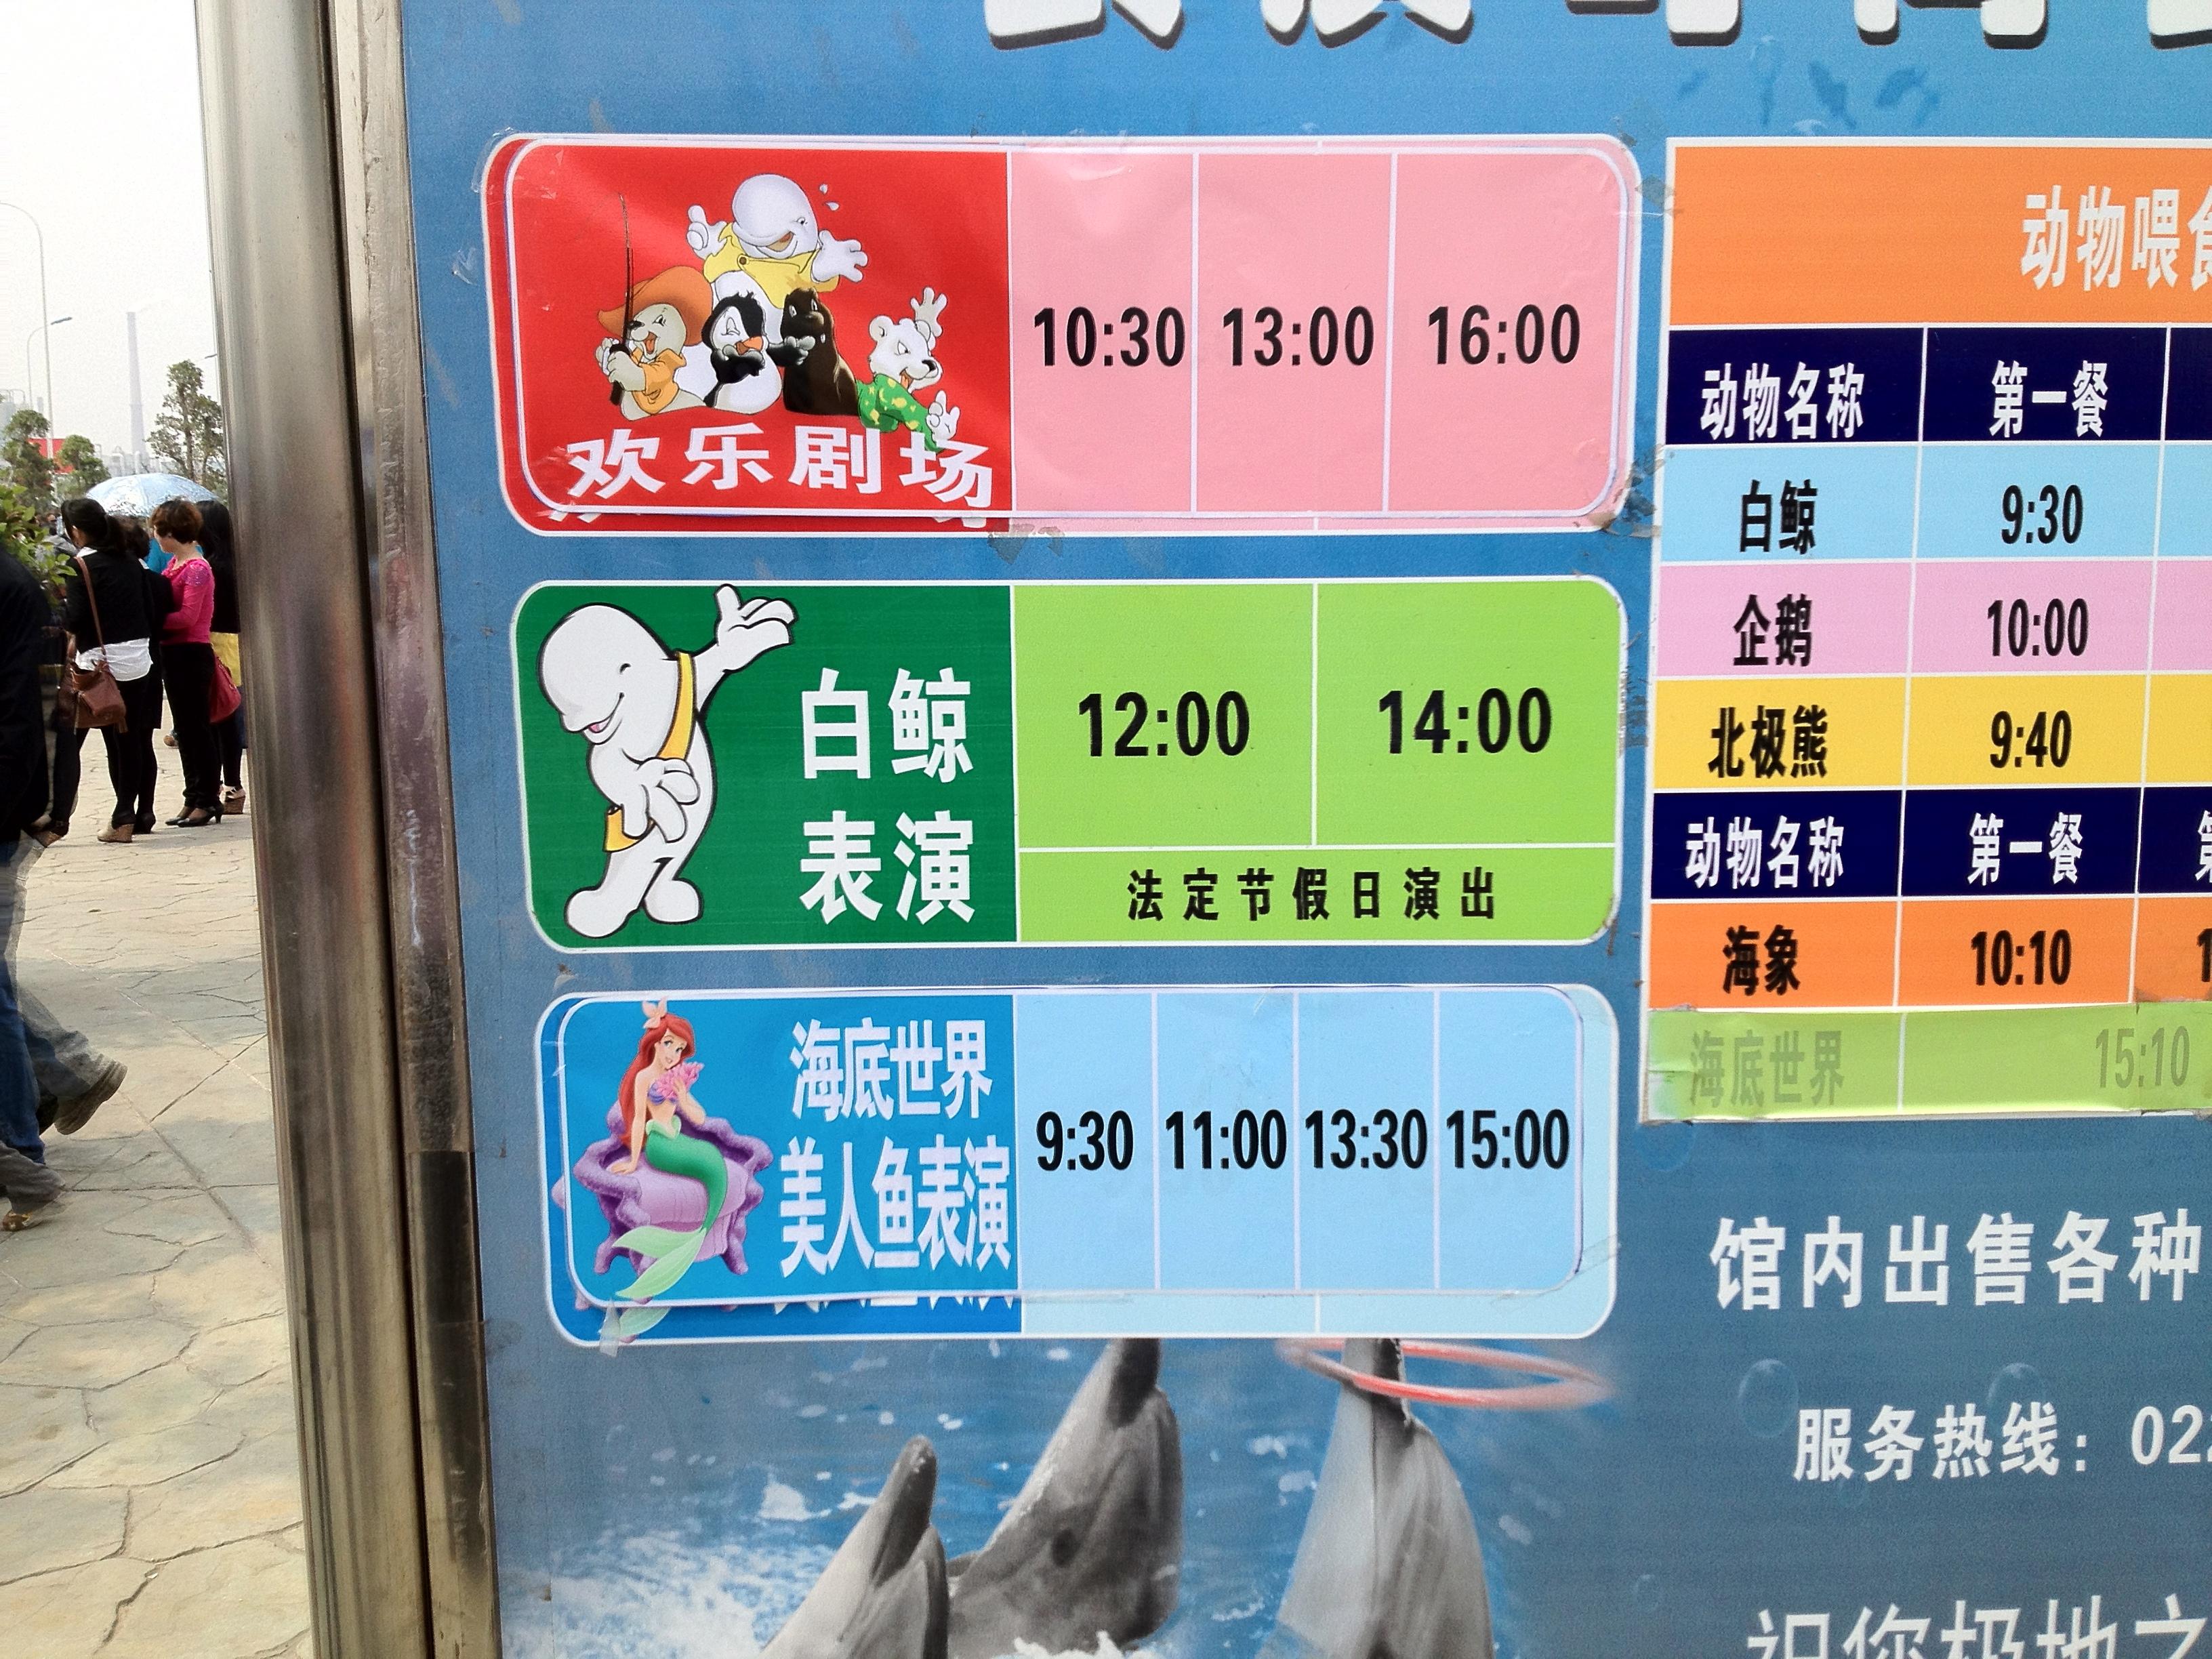 天津海昌极地海洋世界项目位于天津市塘沽区响螺湾旅游板块,地处